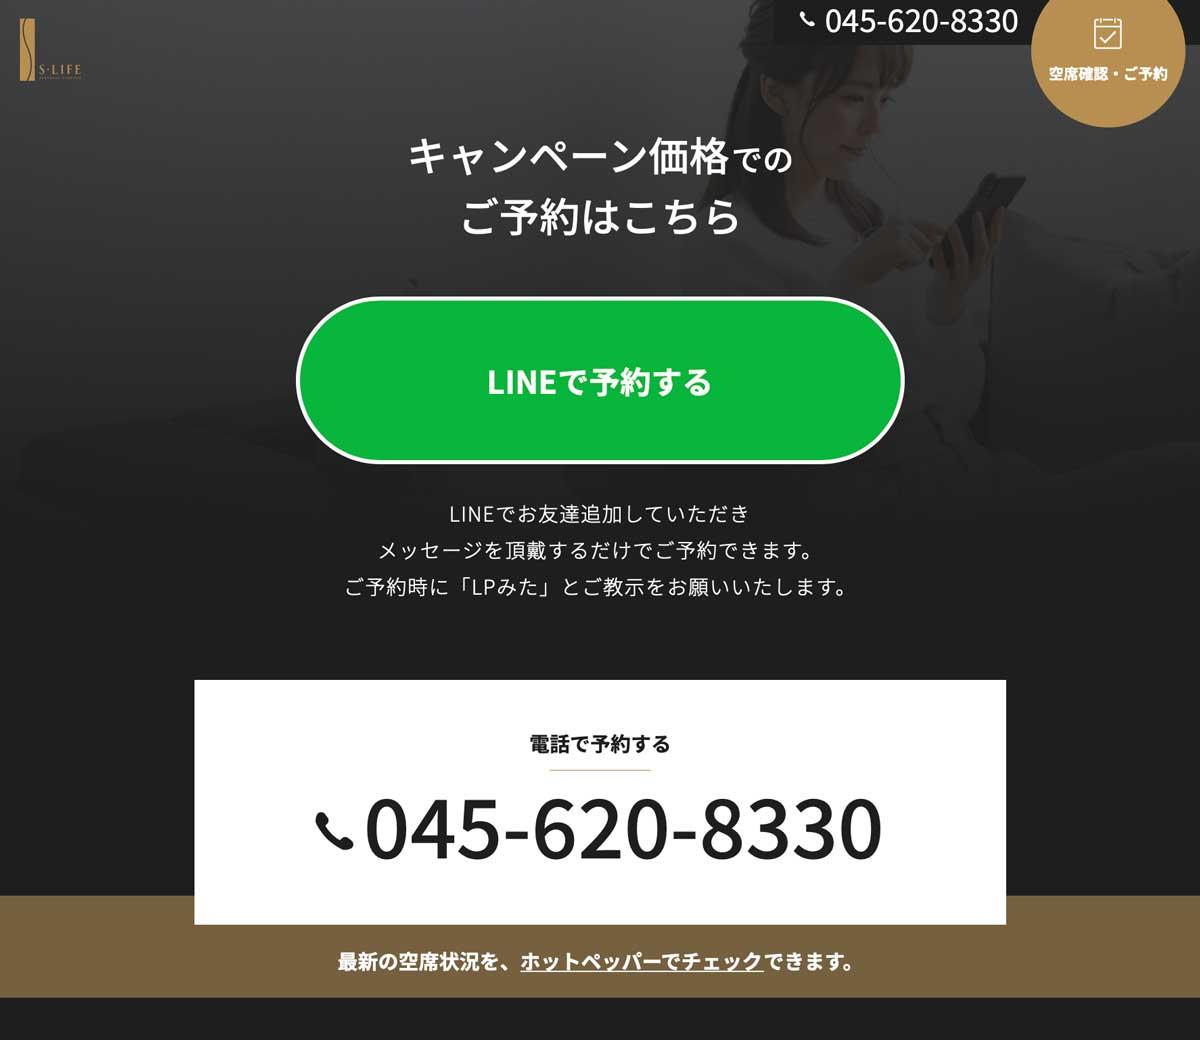 マッサージとは違う、横浜で人気のパーソナルストレッチ専門店S-LIFE公式サイト(公式ホームページ)が公開され話題!その特徴やサービス内容、評価や評判、レビュー、クチコミなどをまとめた! エスライフのLINEで無料予約 s-life_07